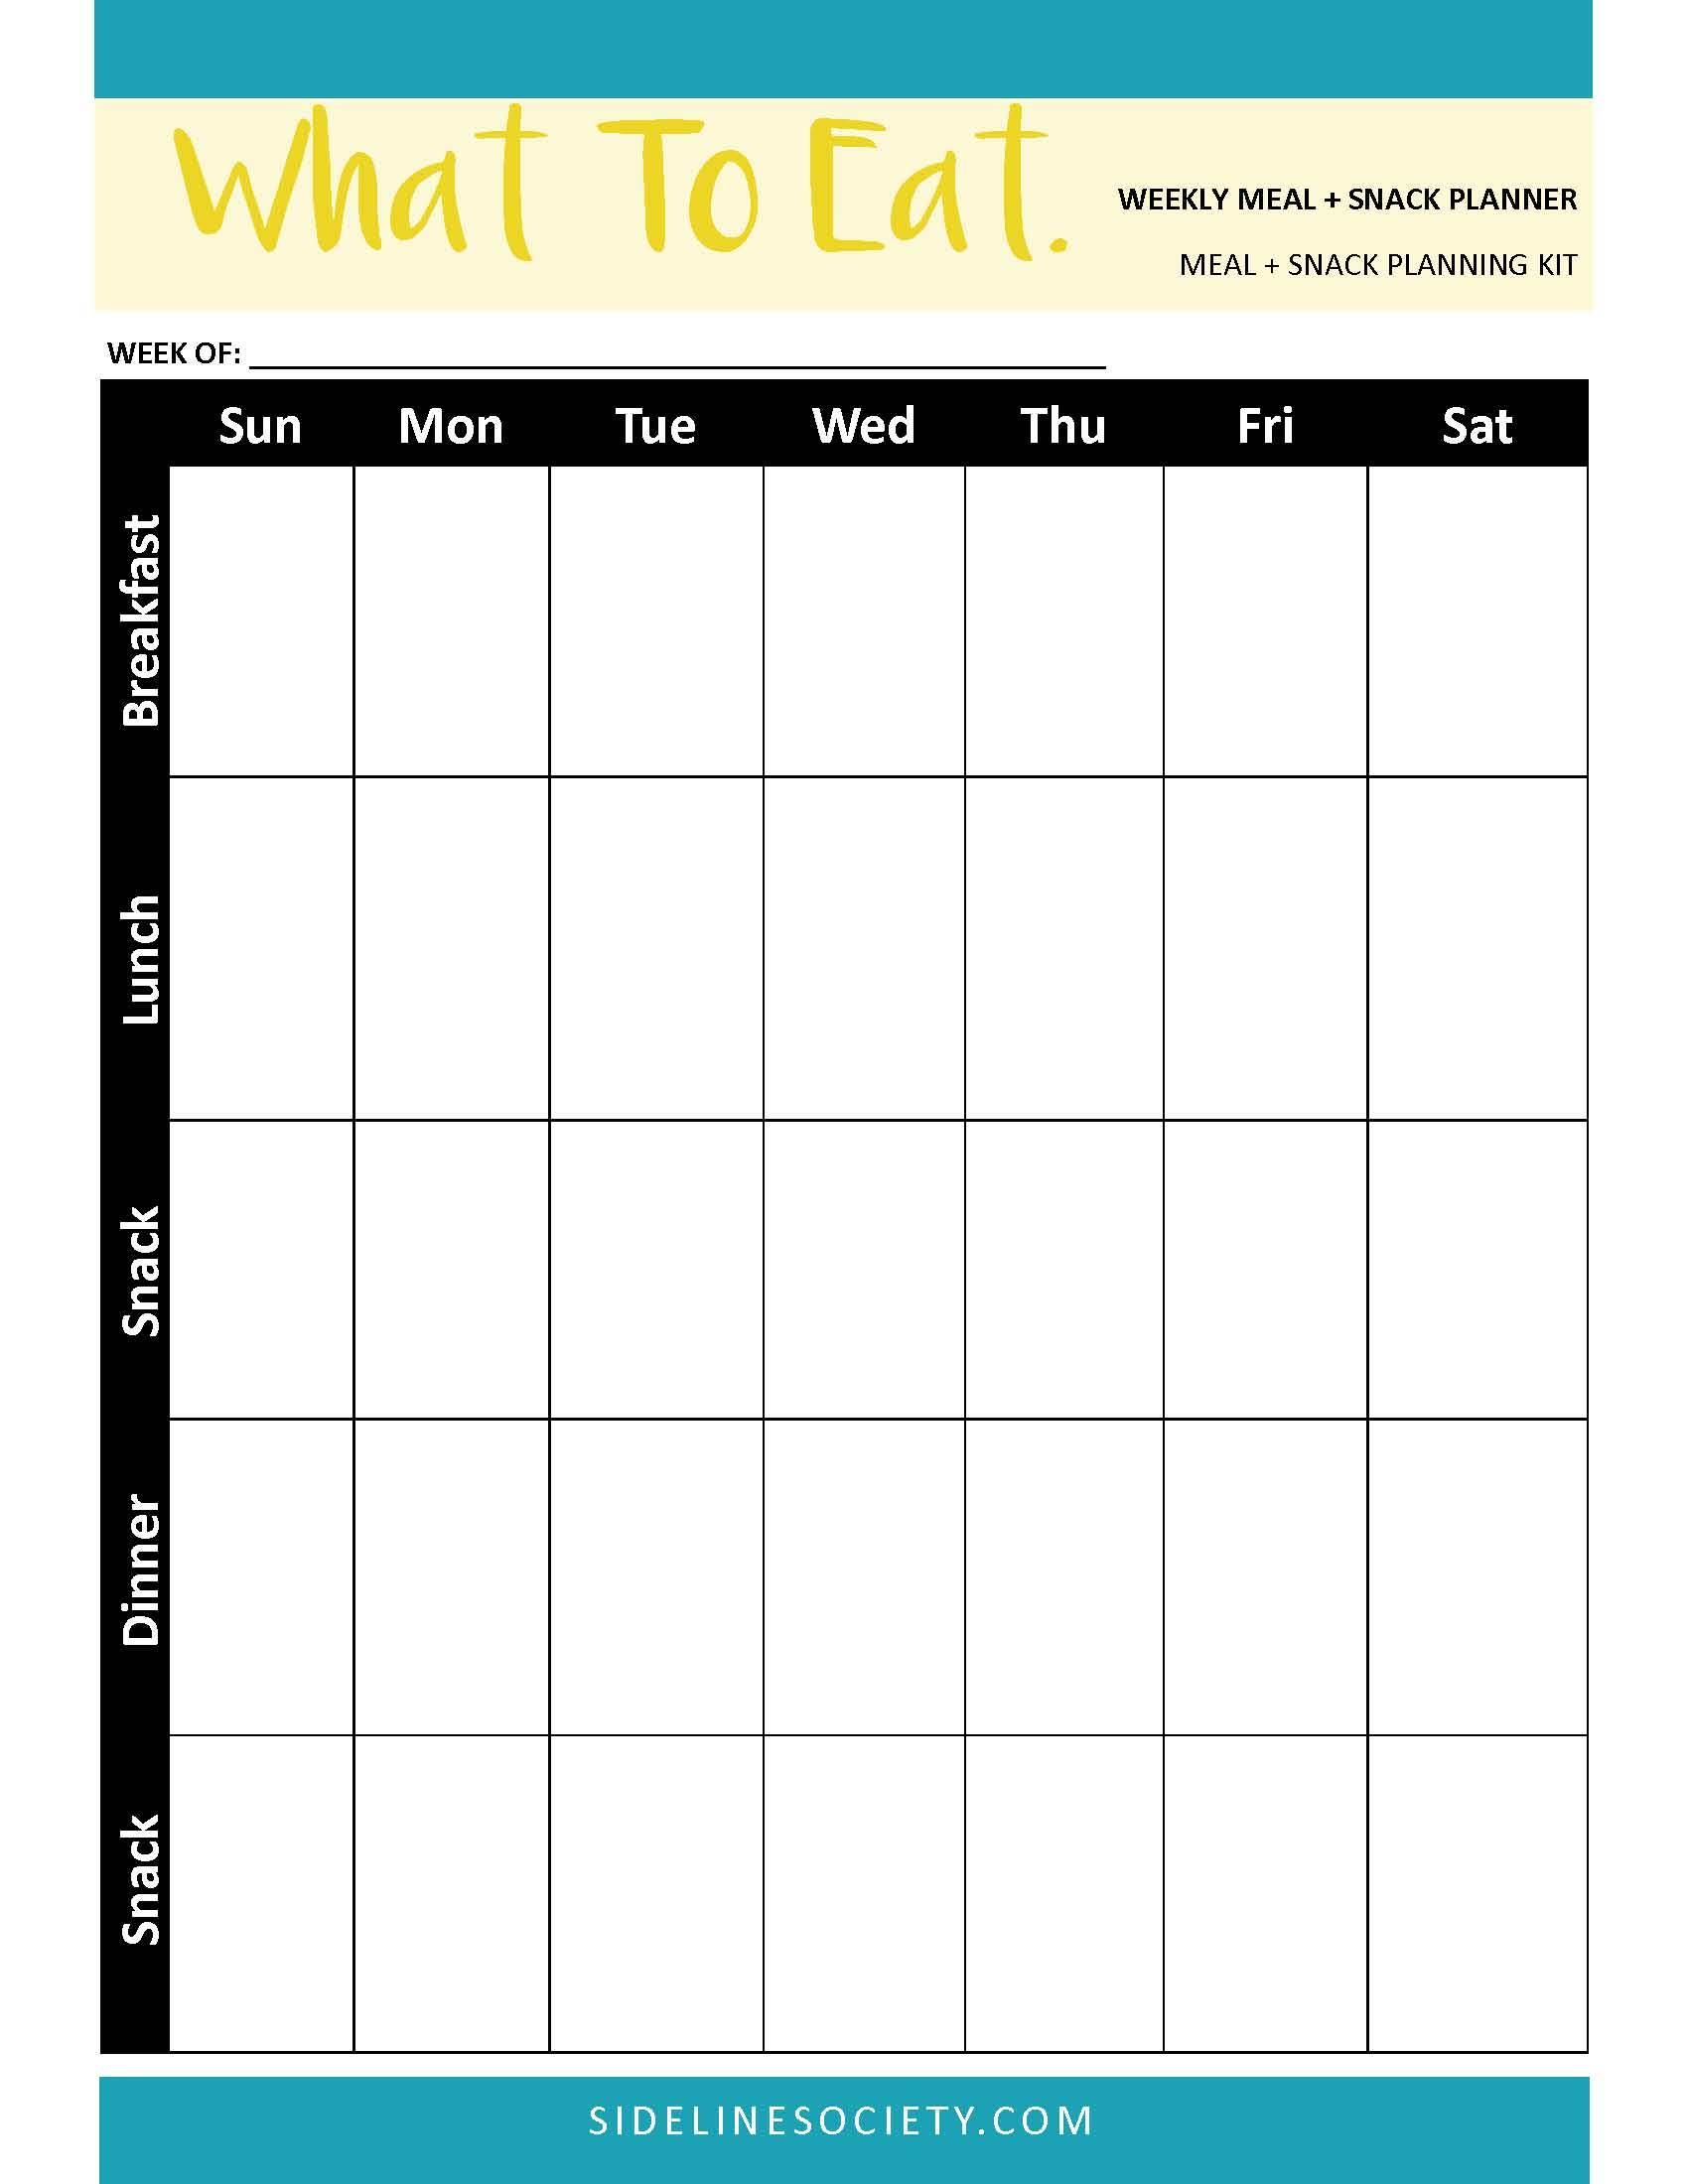 Weekly Meal + Snack Planner.jpg